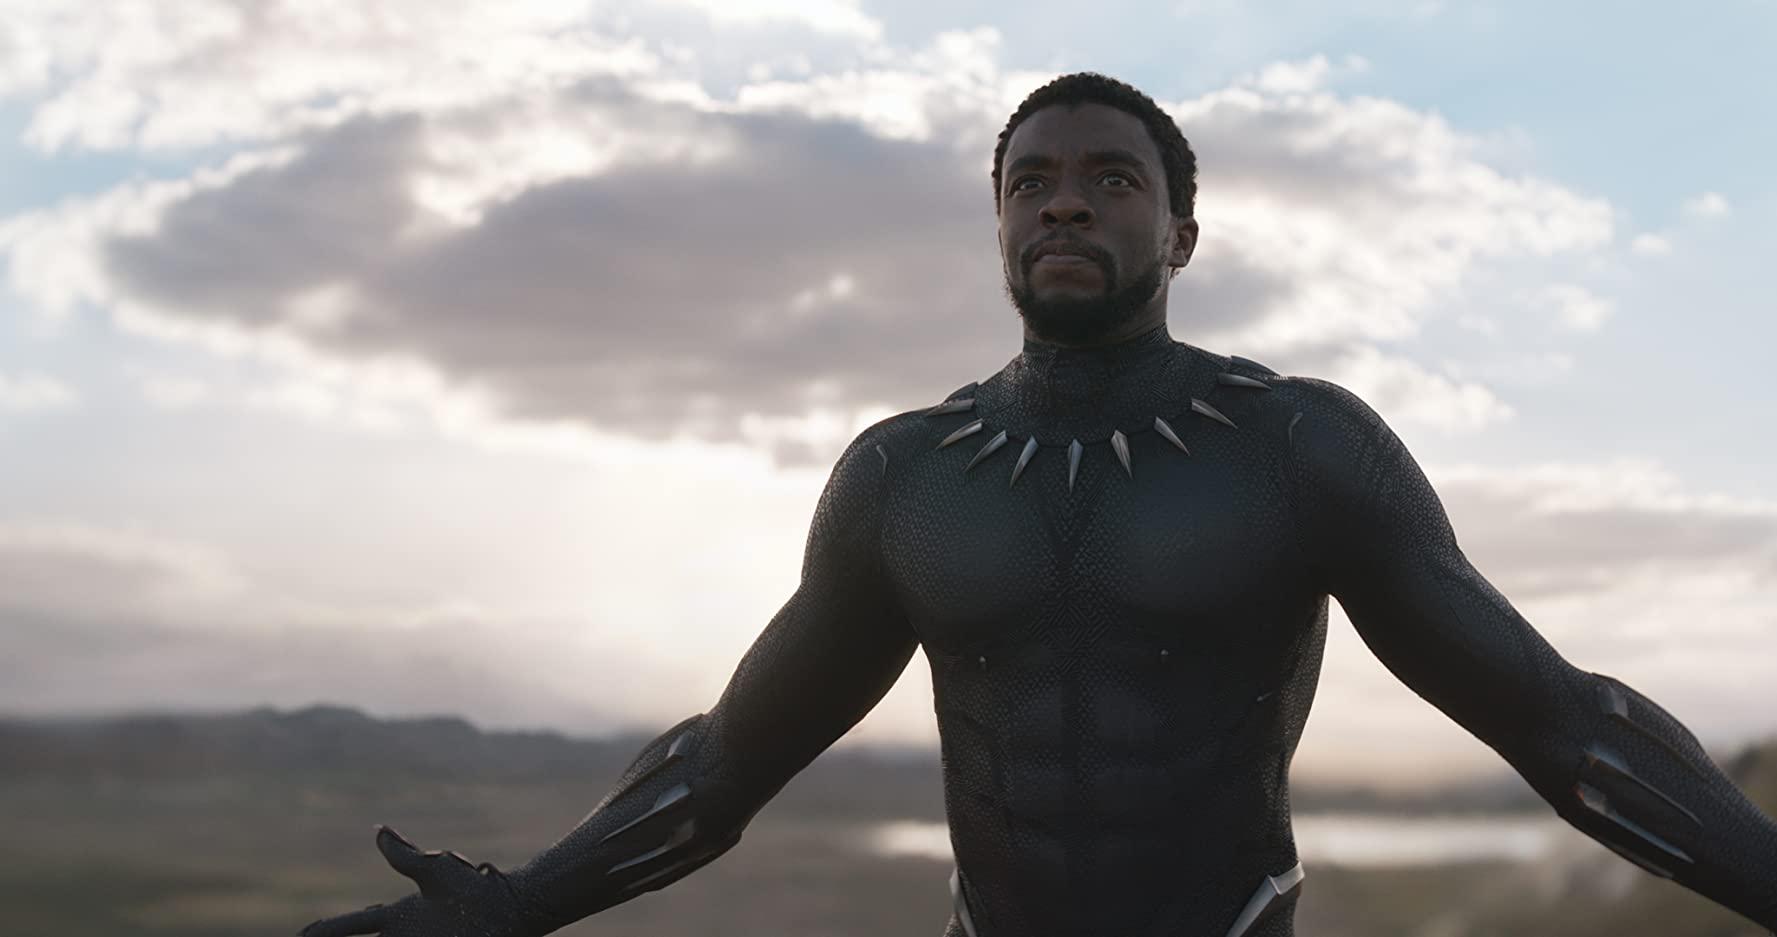 Chadwick Boseman, Black Panther - CREDITS: IMDB.com